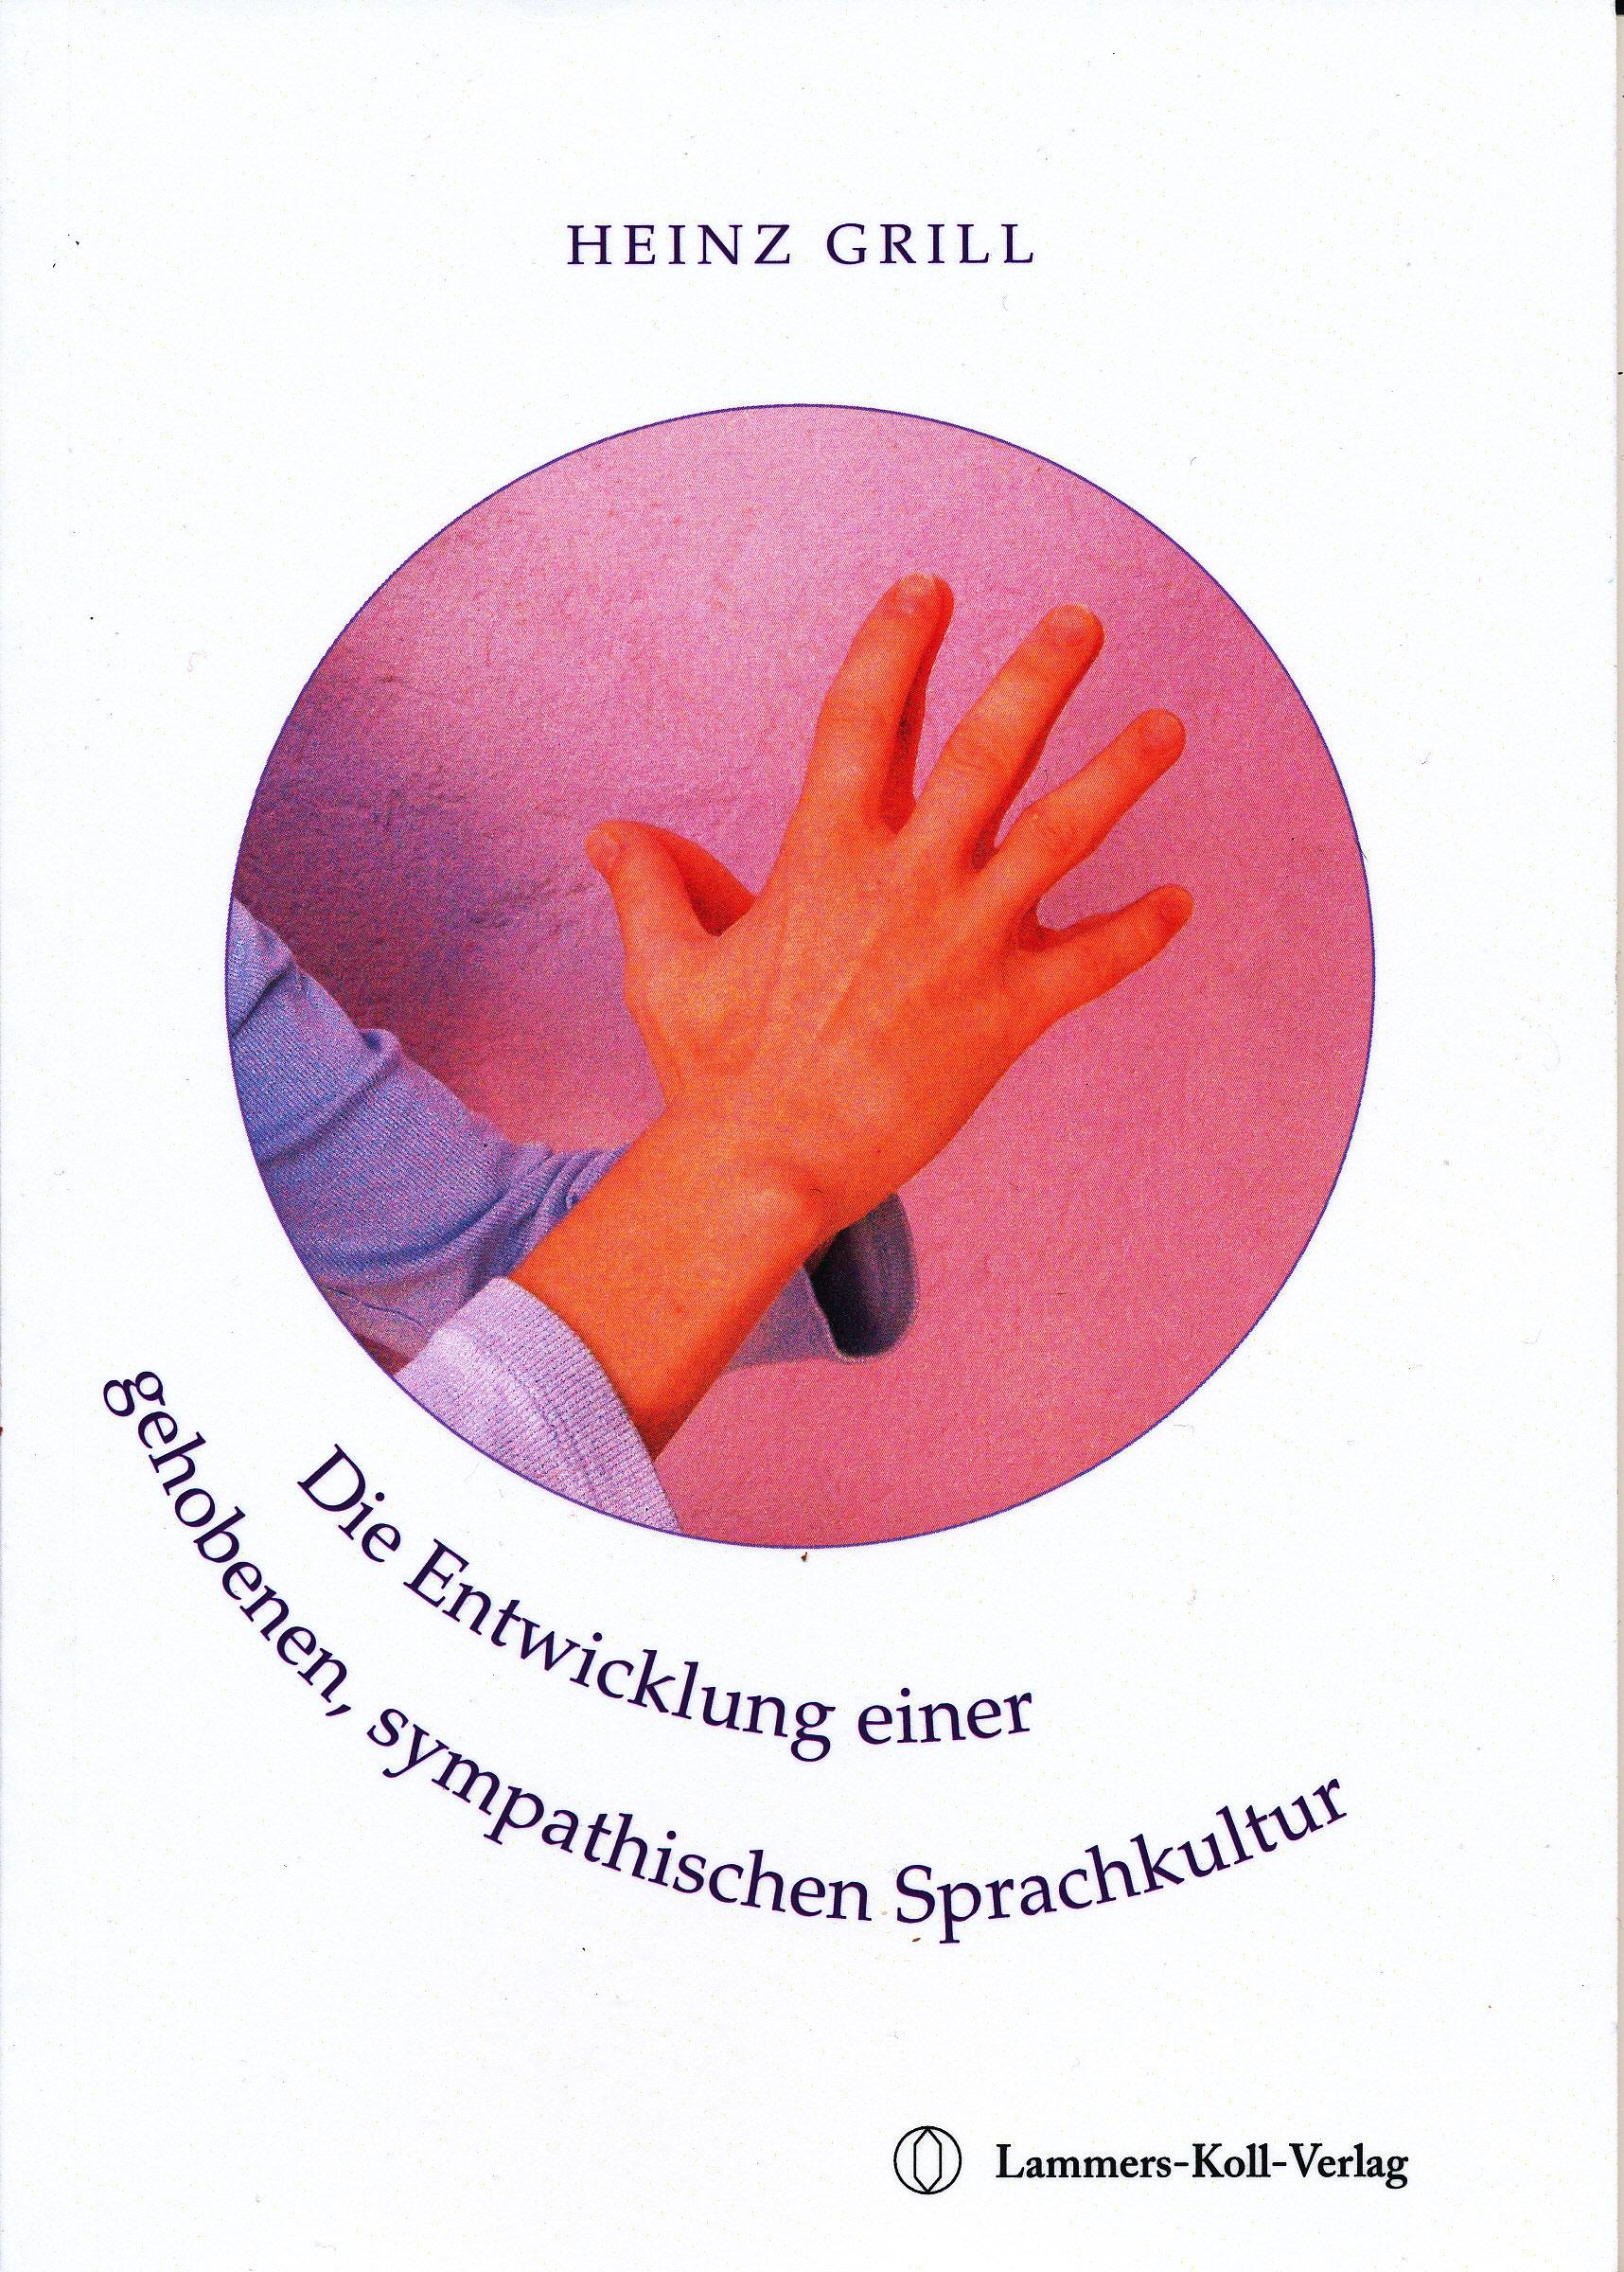 Heinz Grill Die Entwicklung einer gehobenen, sympathischen Sprachkultur